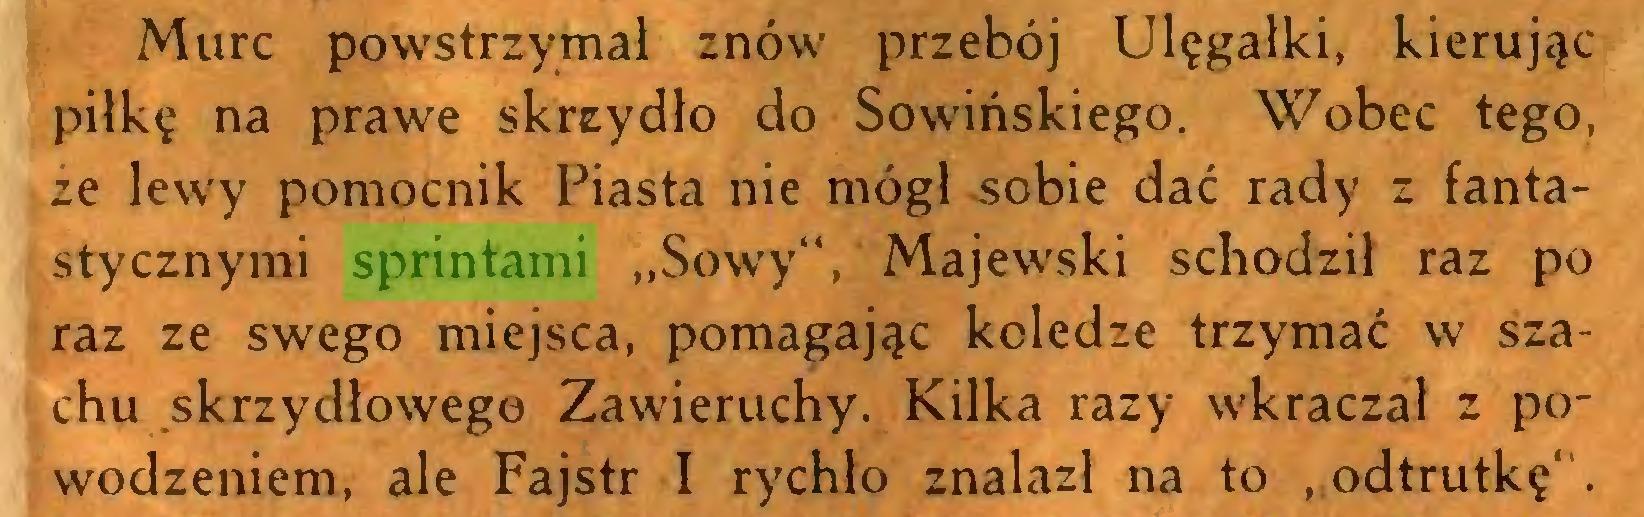 """(...) Murc powstrzymał znów przebój Ulęgałki, kierując piłkę na prawe skrzydło do Sowińskiego. Wobec tego, ze lewy pomocnik Piasta nie mógł -sobie dać rady z fantastycznymi sprintami """"Sowy"""", Majewski schodził raz po raz ze swego miejsca, pomagając koledze trzymać w szachu skrzydłowego Zawieruchy. Kilka razy wkraczał z powodzeniem, ale Fajstr I rychło znalazł na to , odtrutkę' ..."""